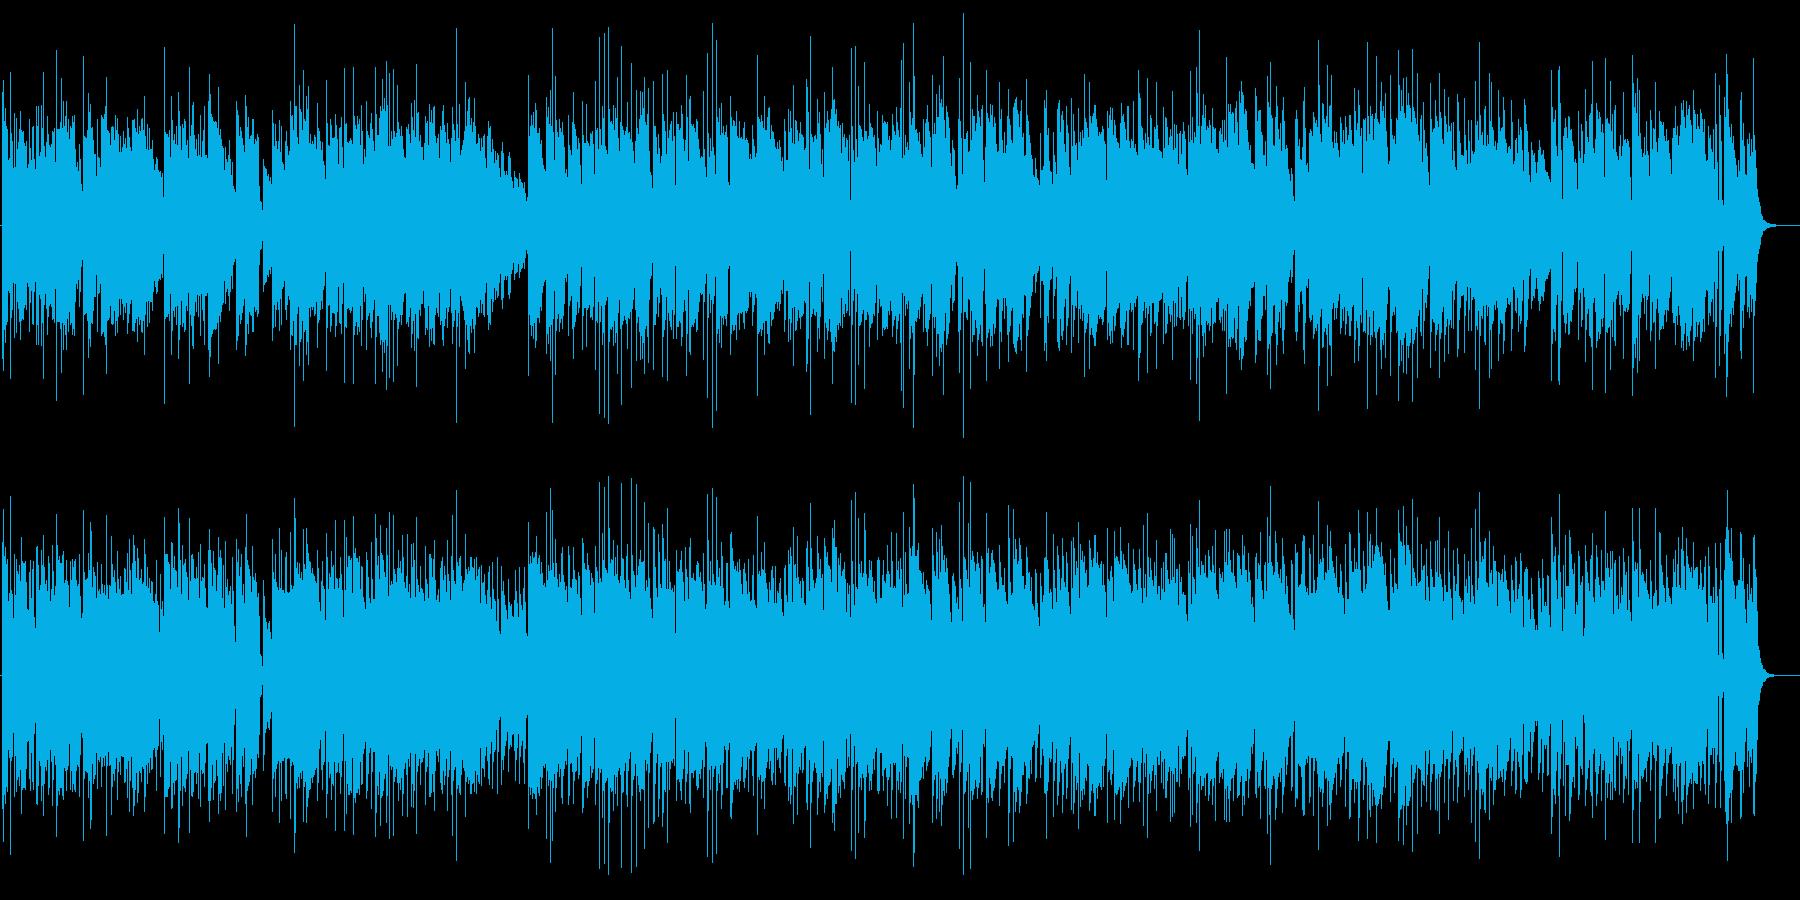 スカボロー・フェア (guitar)の再生済みの波形